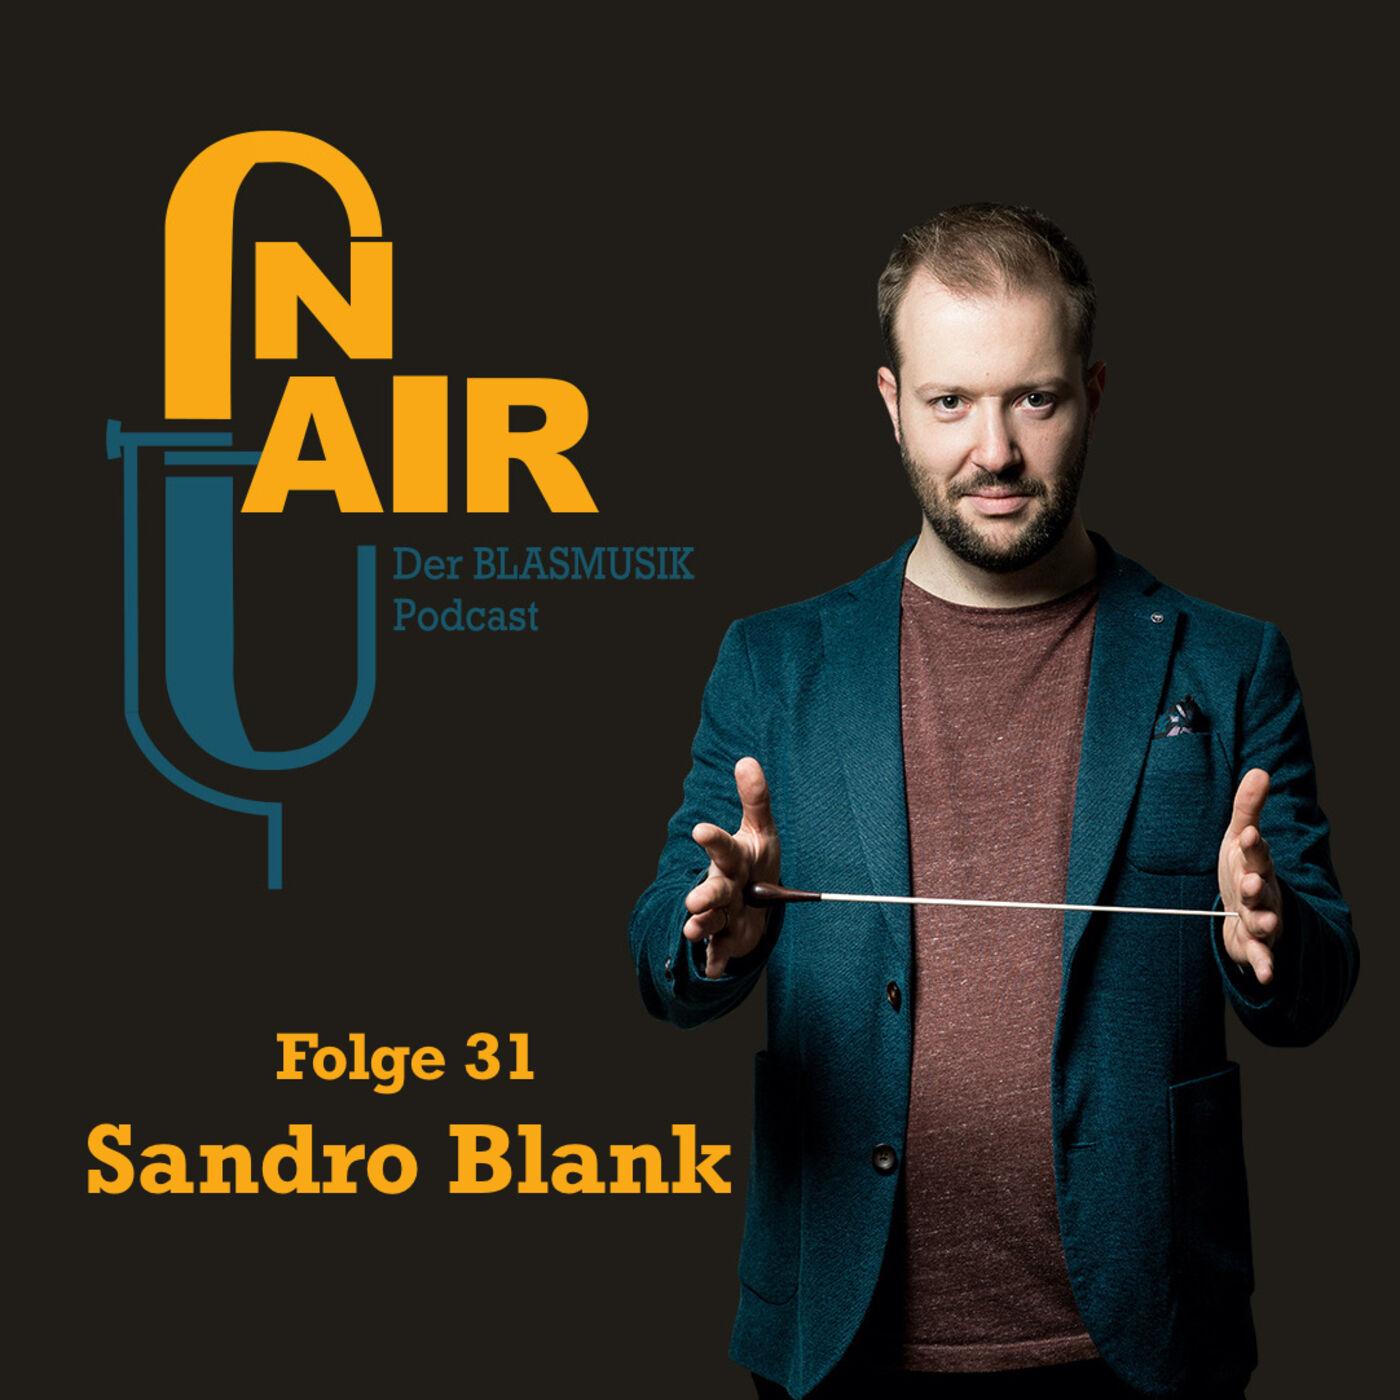 Sandro Blank - Schweizer Präzision trifft Leidenschaft